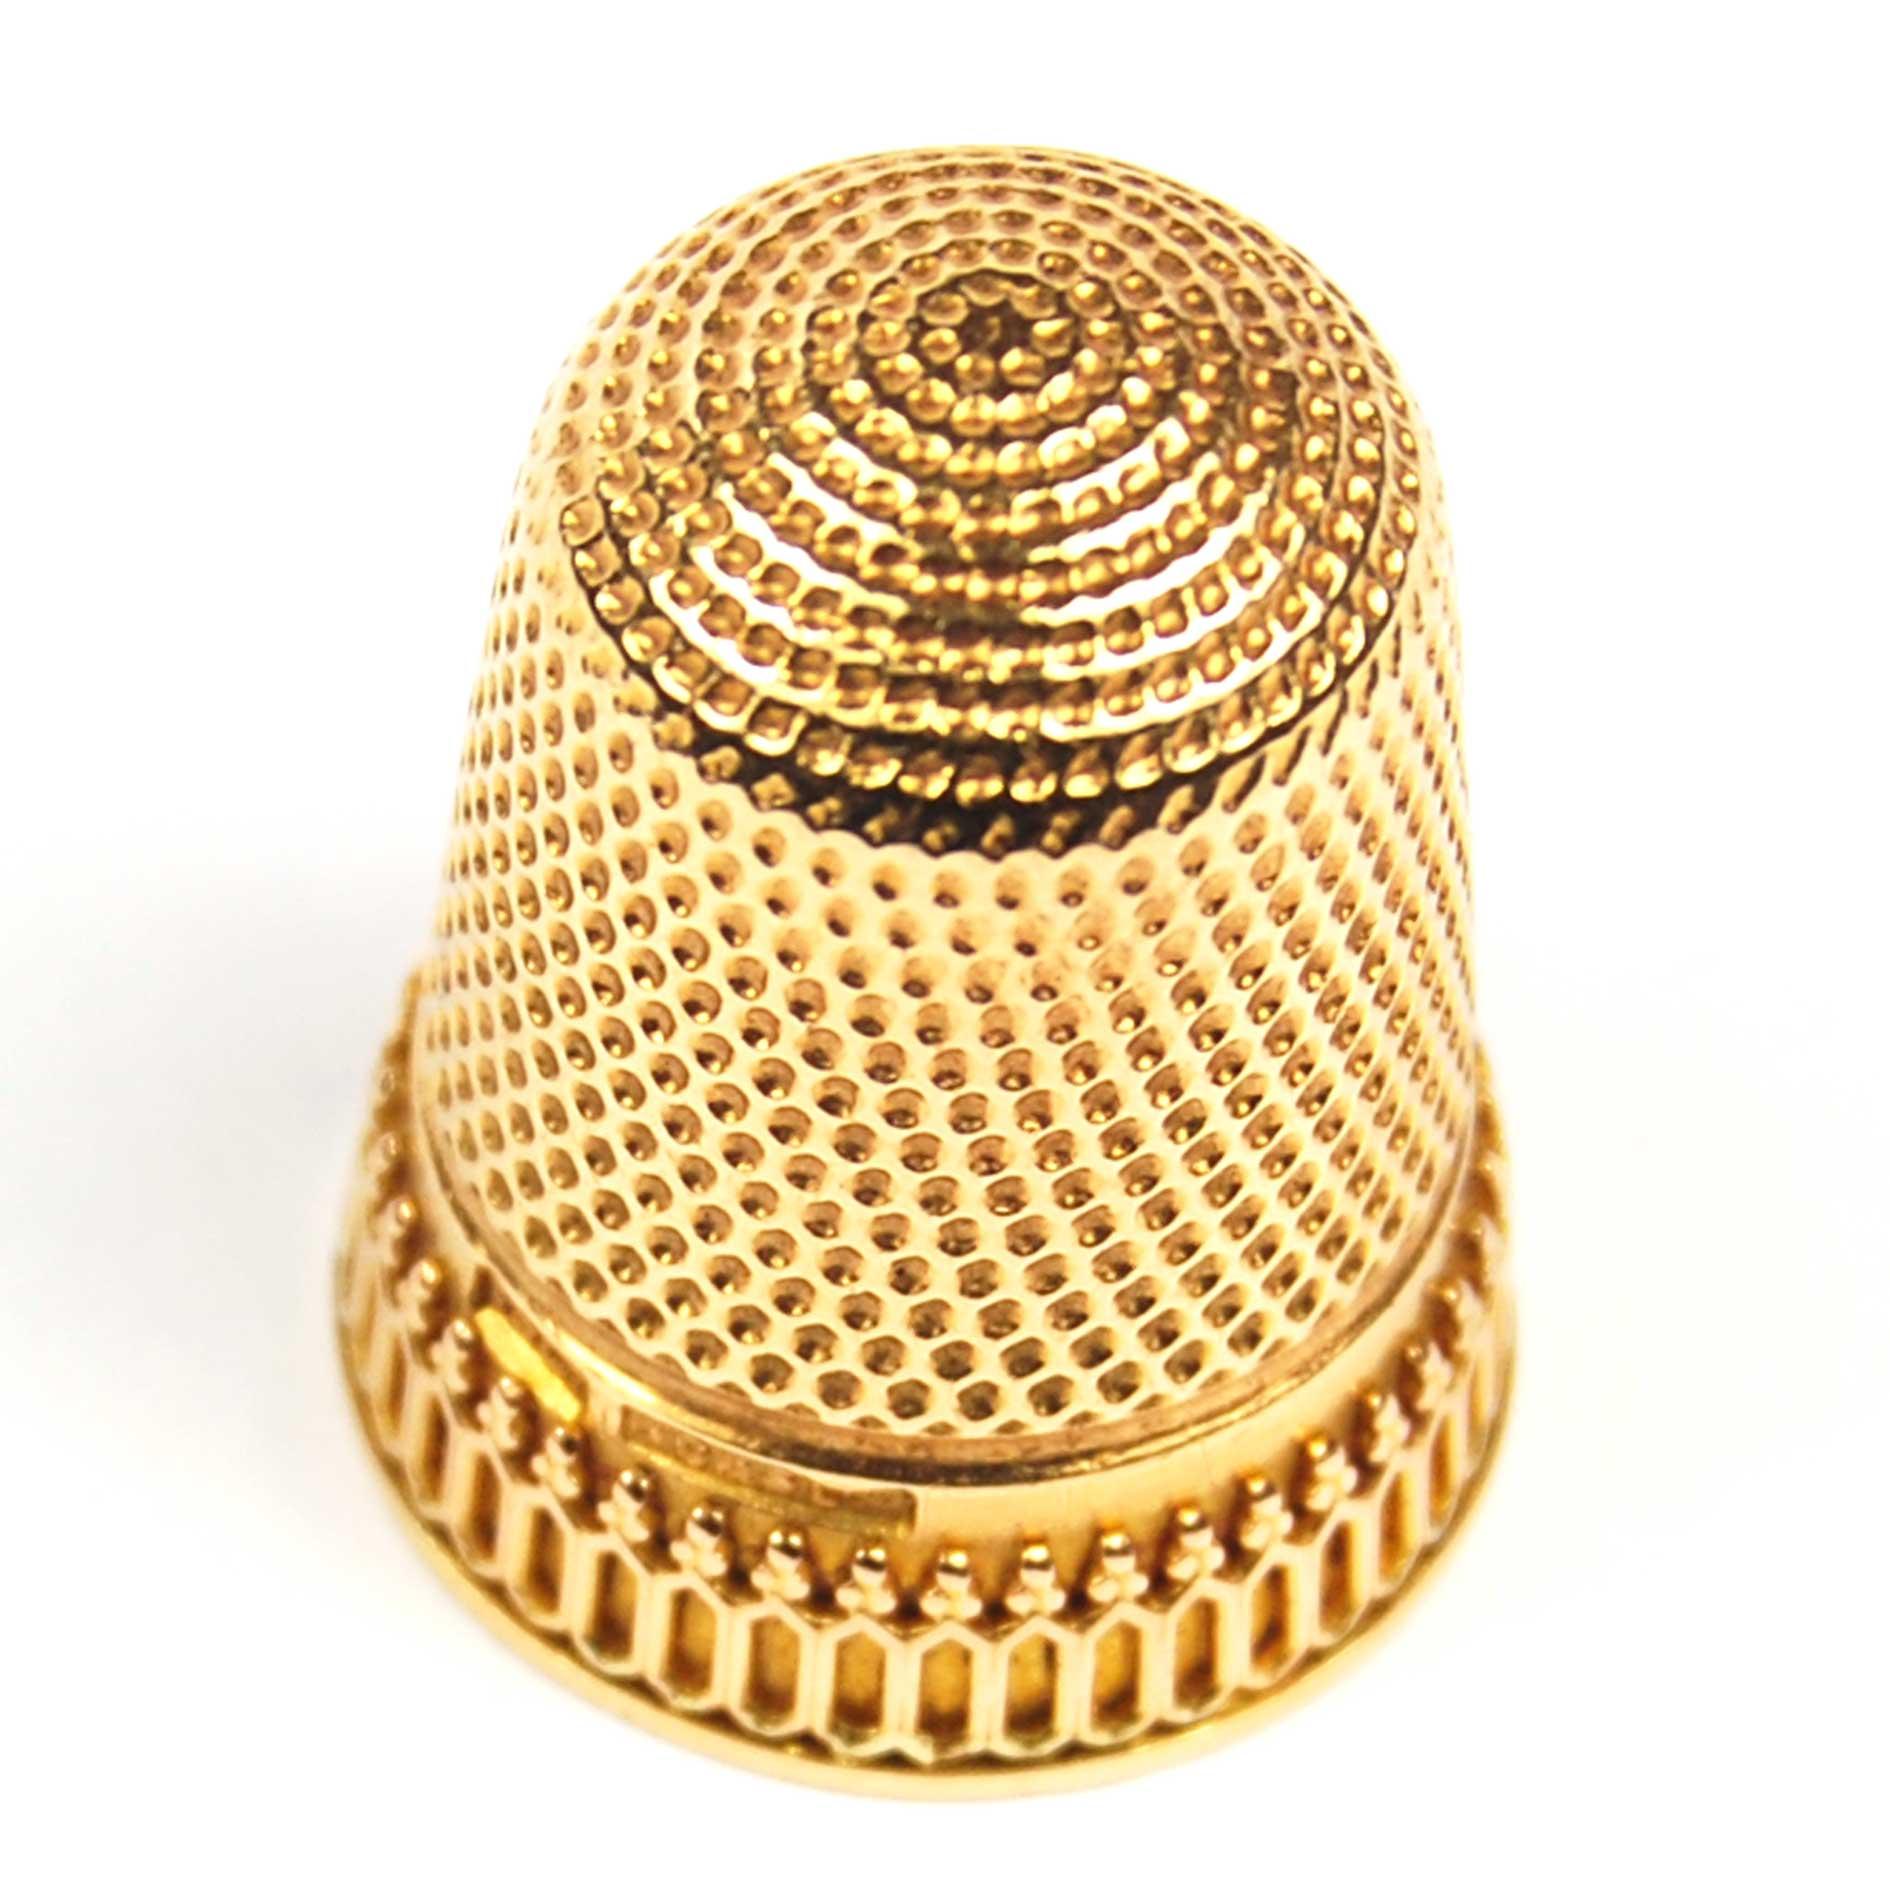 Antique Gold Thimble